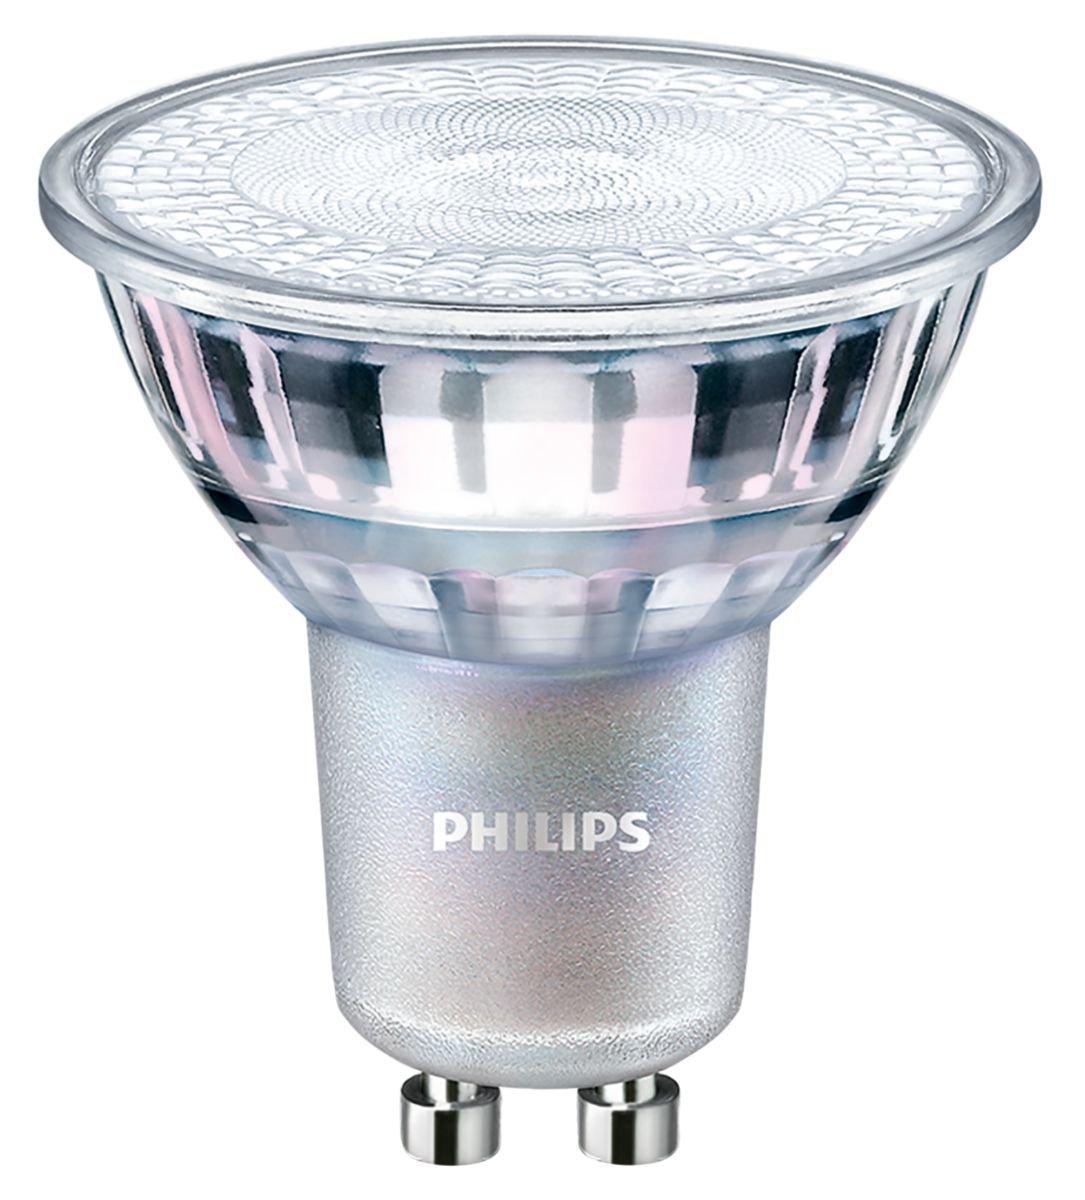 Philips Master GU10 – 4,9W – 4000K LED3449 | 8718696707890